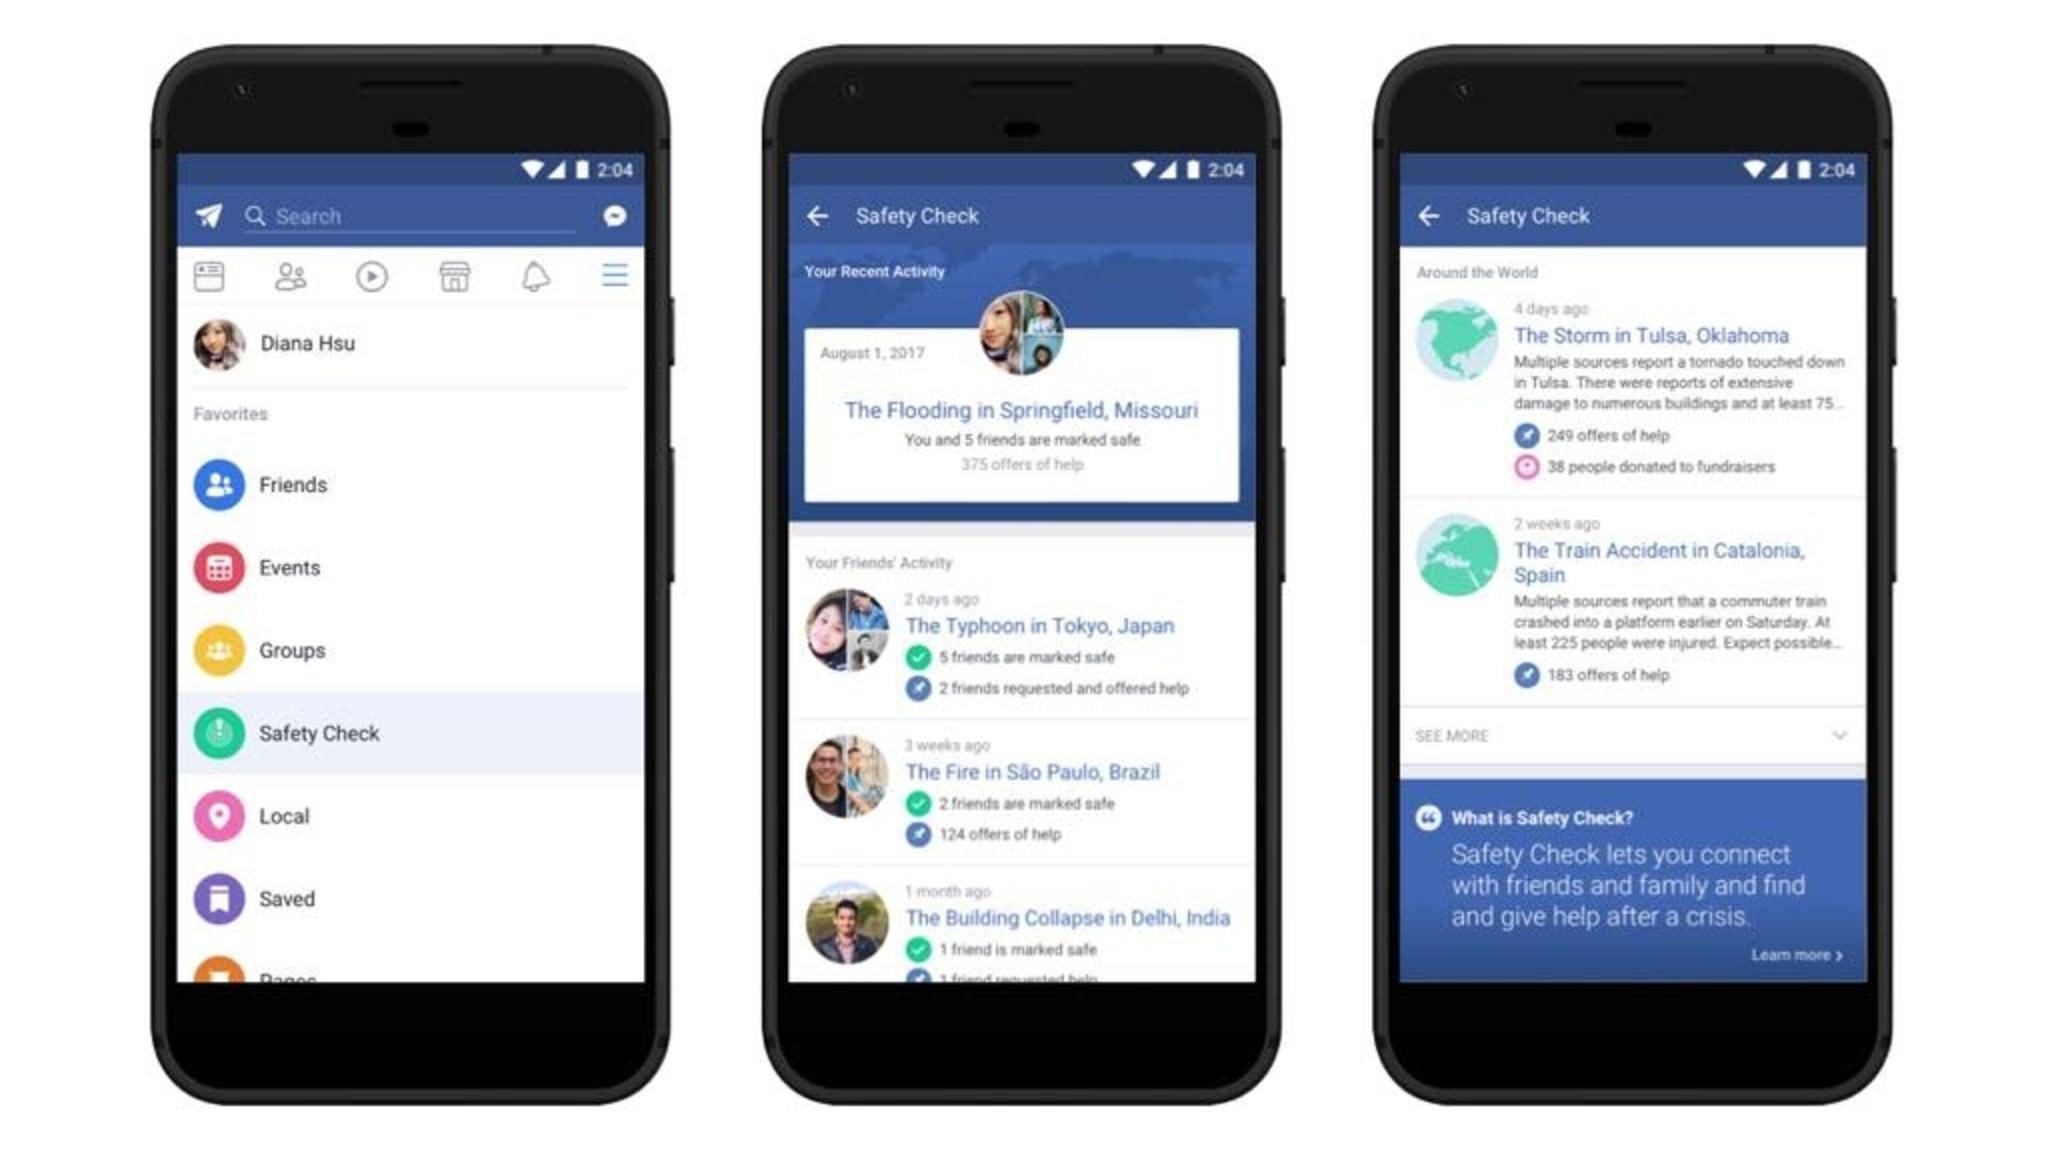 Der Safety Check wird nun bei Facebook unter den Favoriten untergebracht.